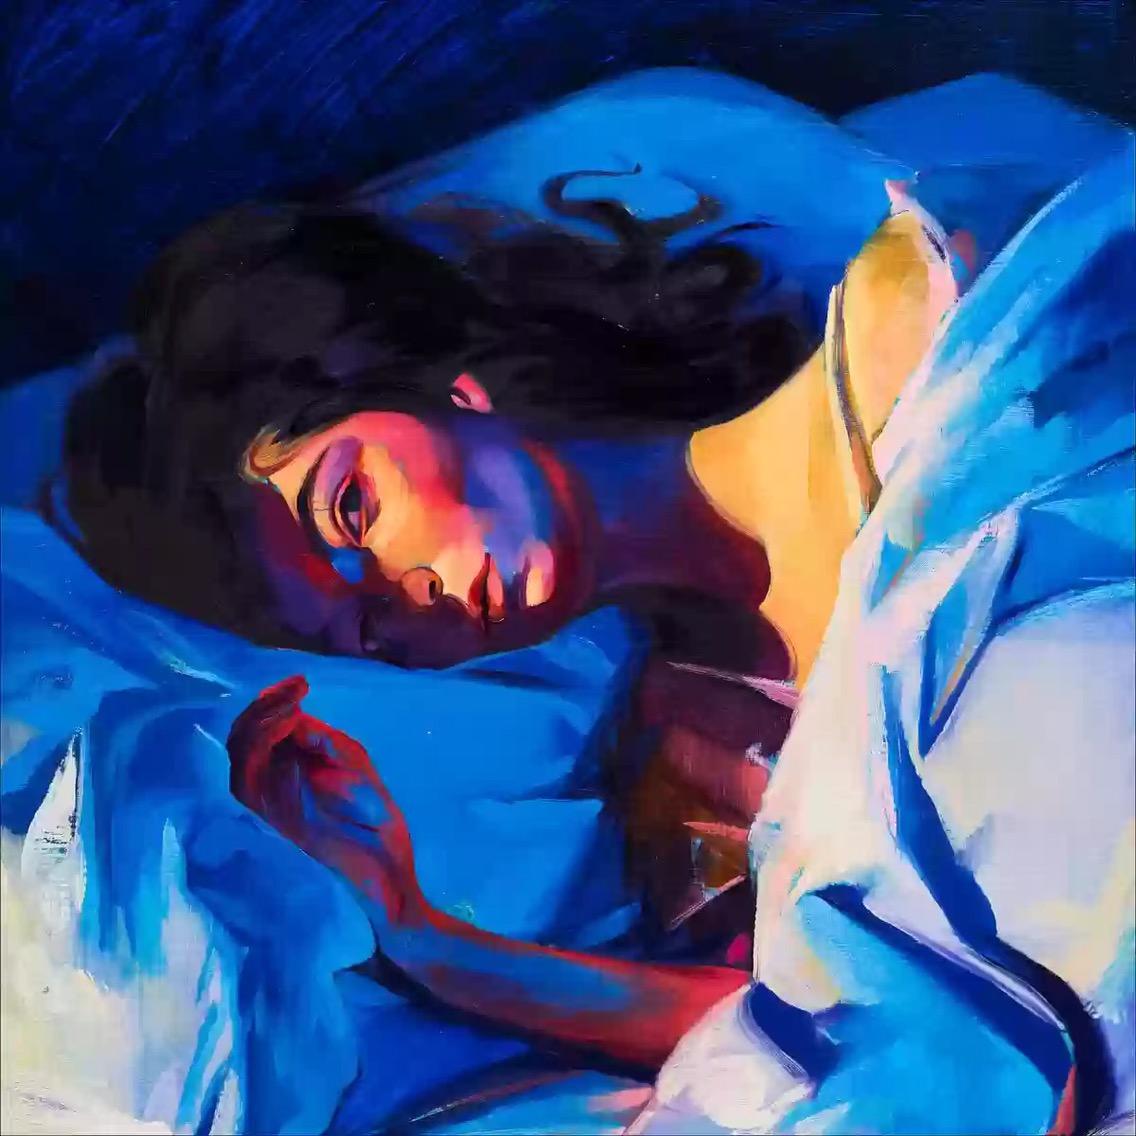 Download MP3: Lorde – Hard Feelings / Loveless